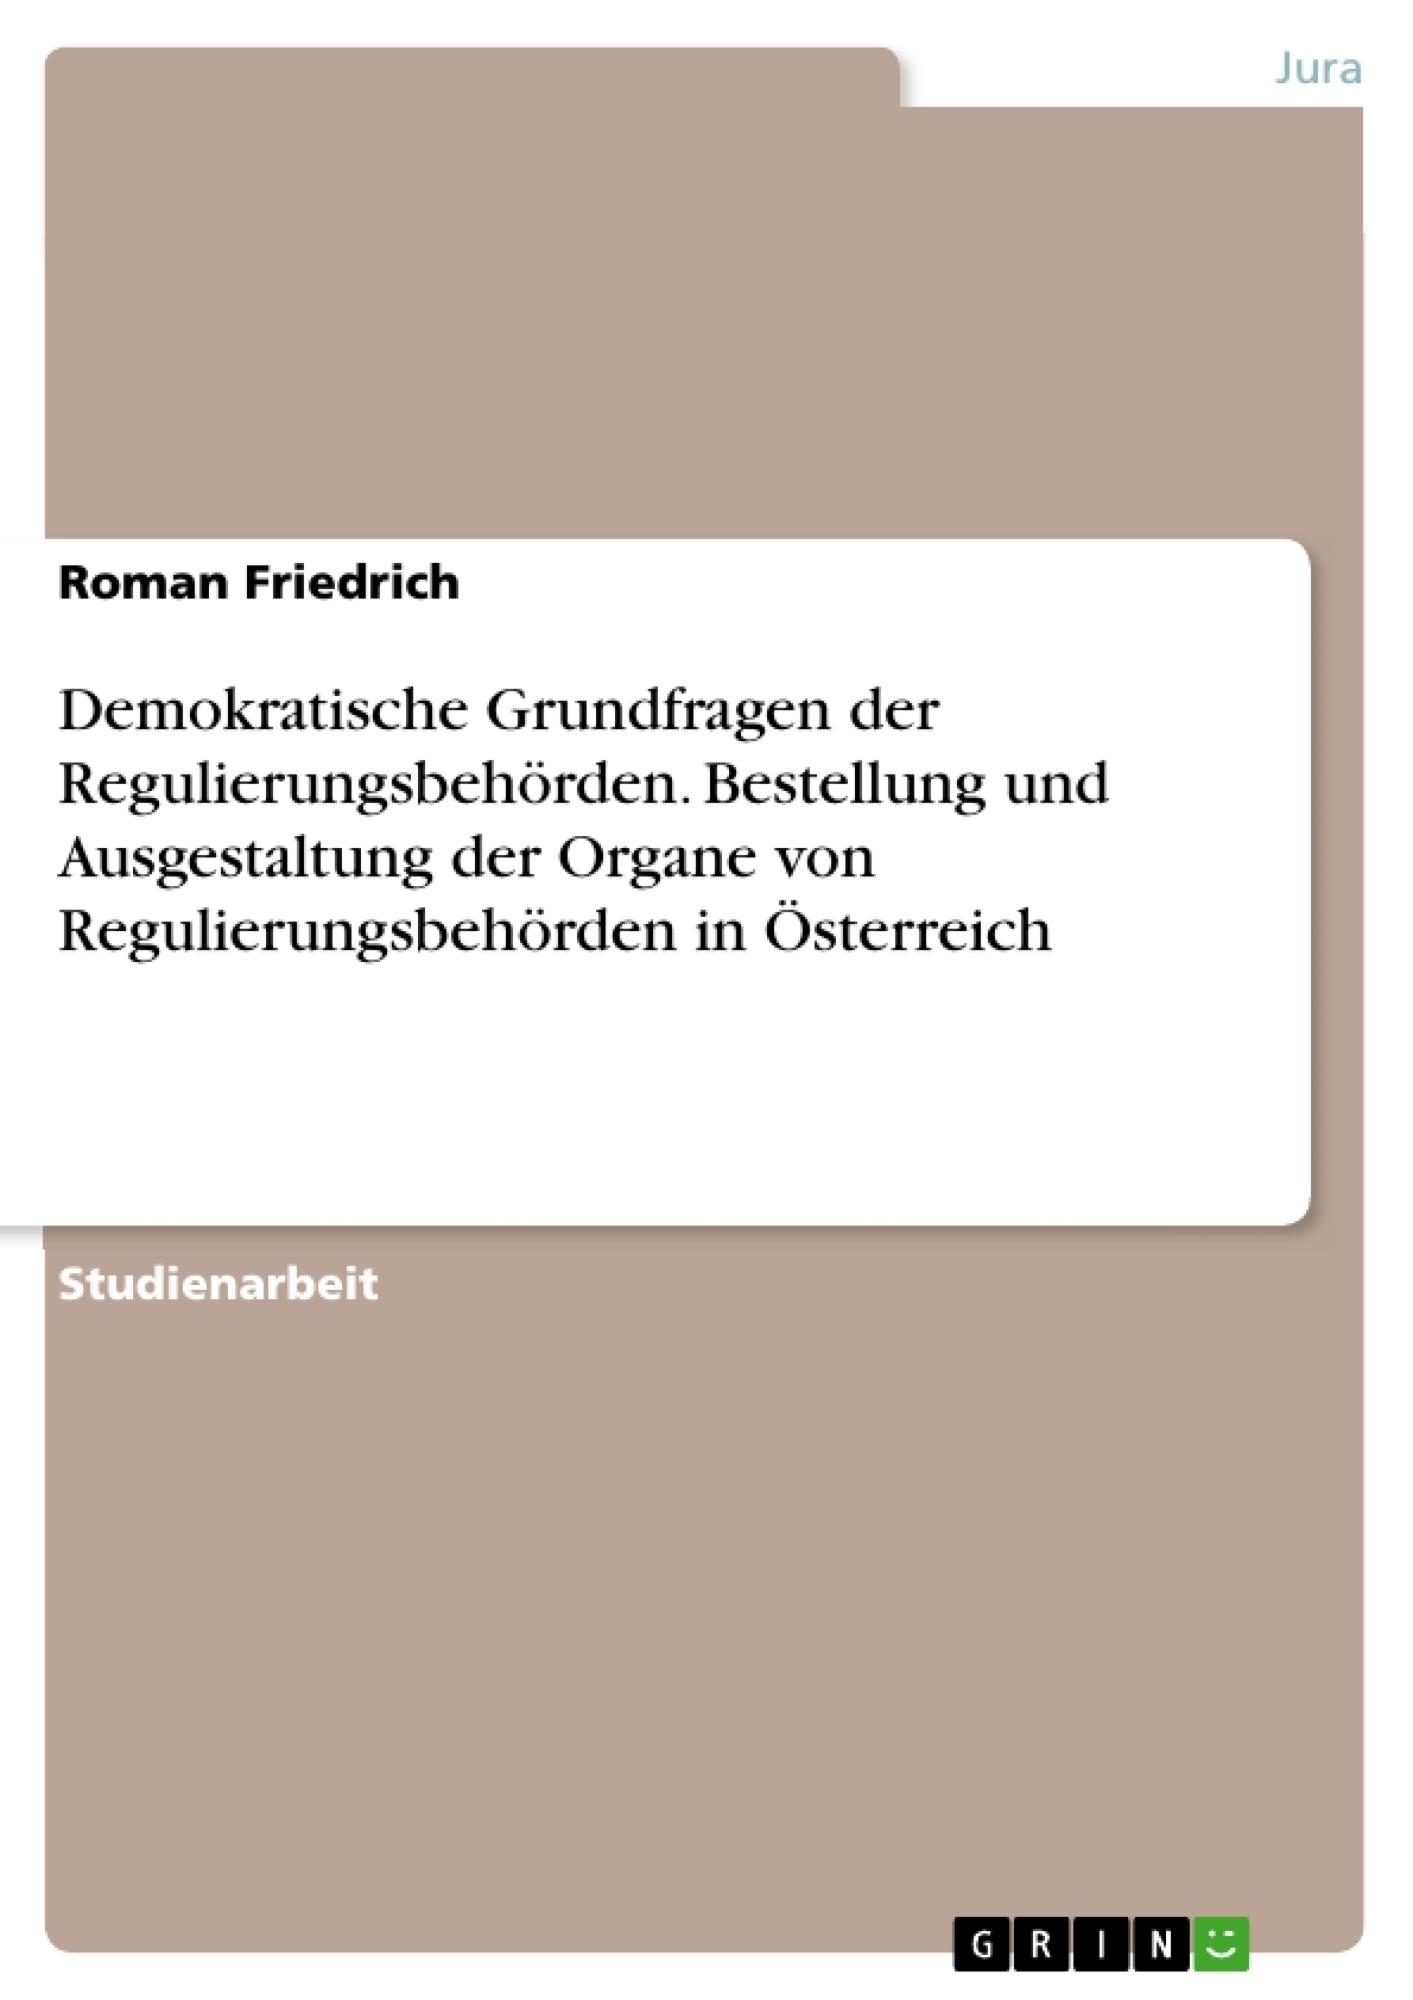 Titel: Demokratische Grundfragen der Regulierungsbehörden. Bestellung und Ausgestaltung der Organe von Regulierungsbehörden in Österreich